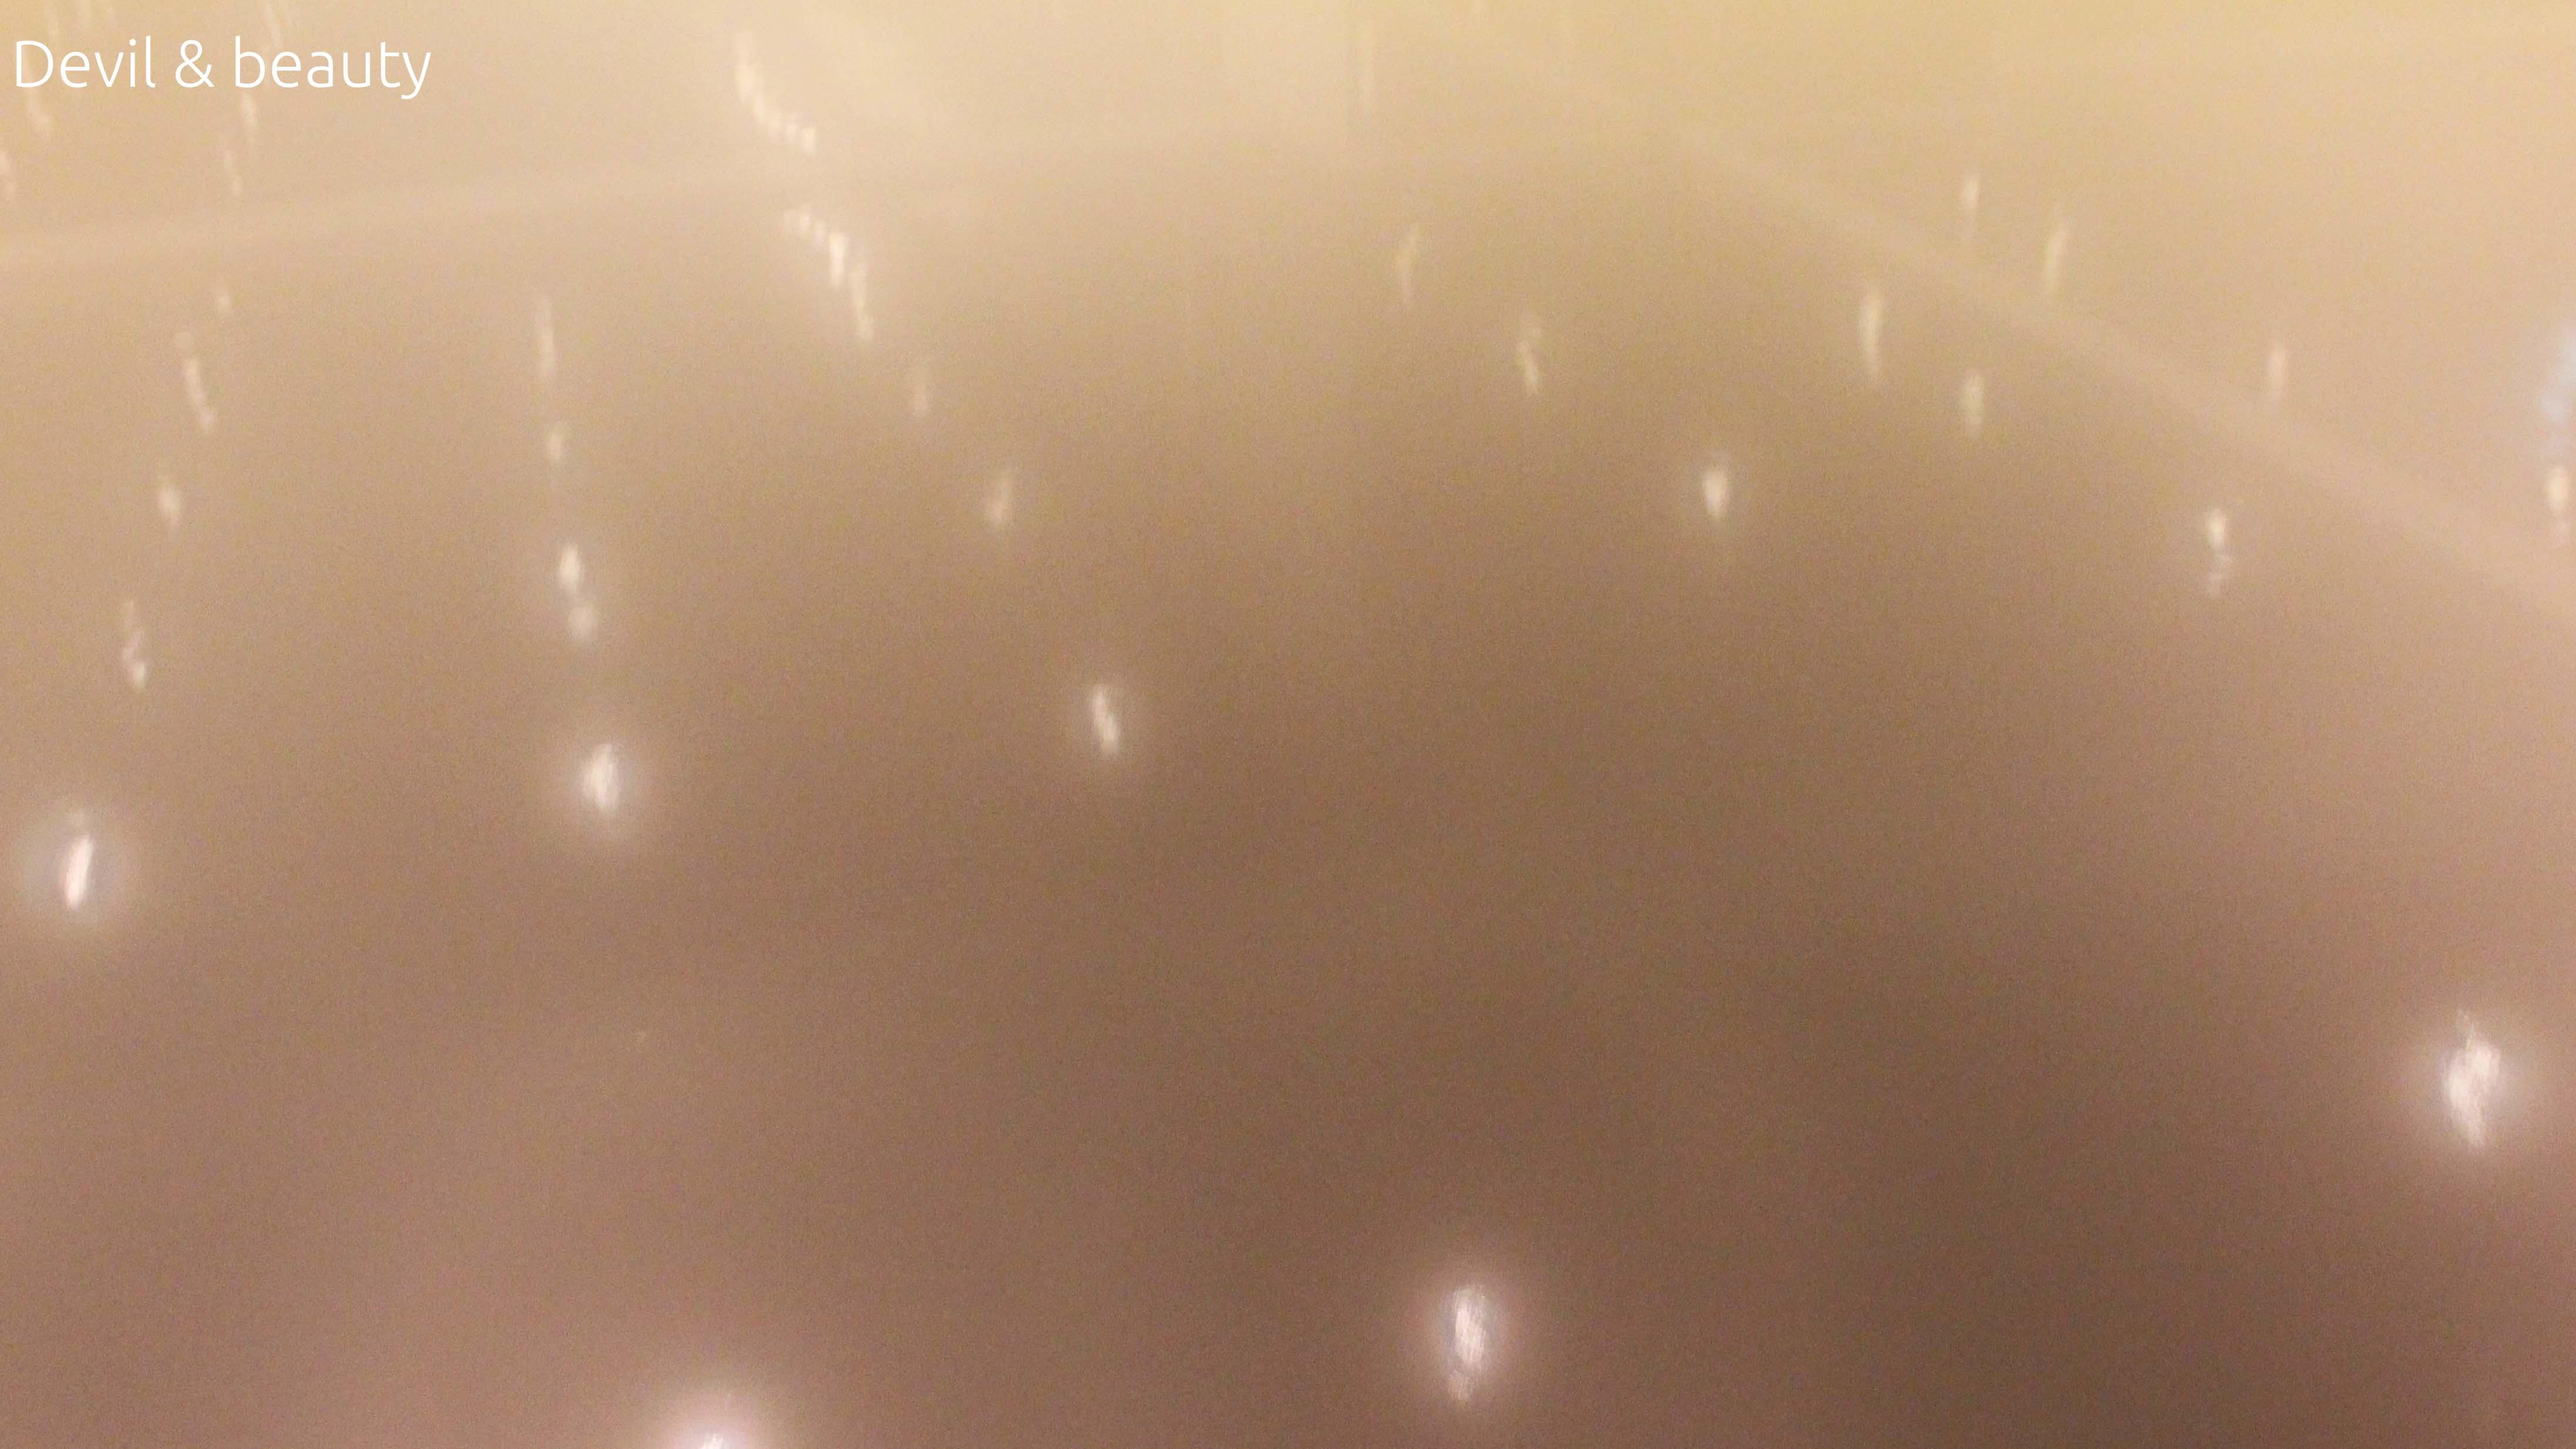 caldo-shinjuku22 - image